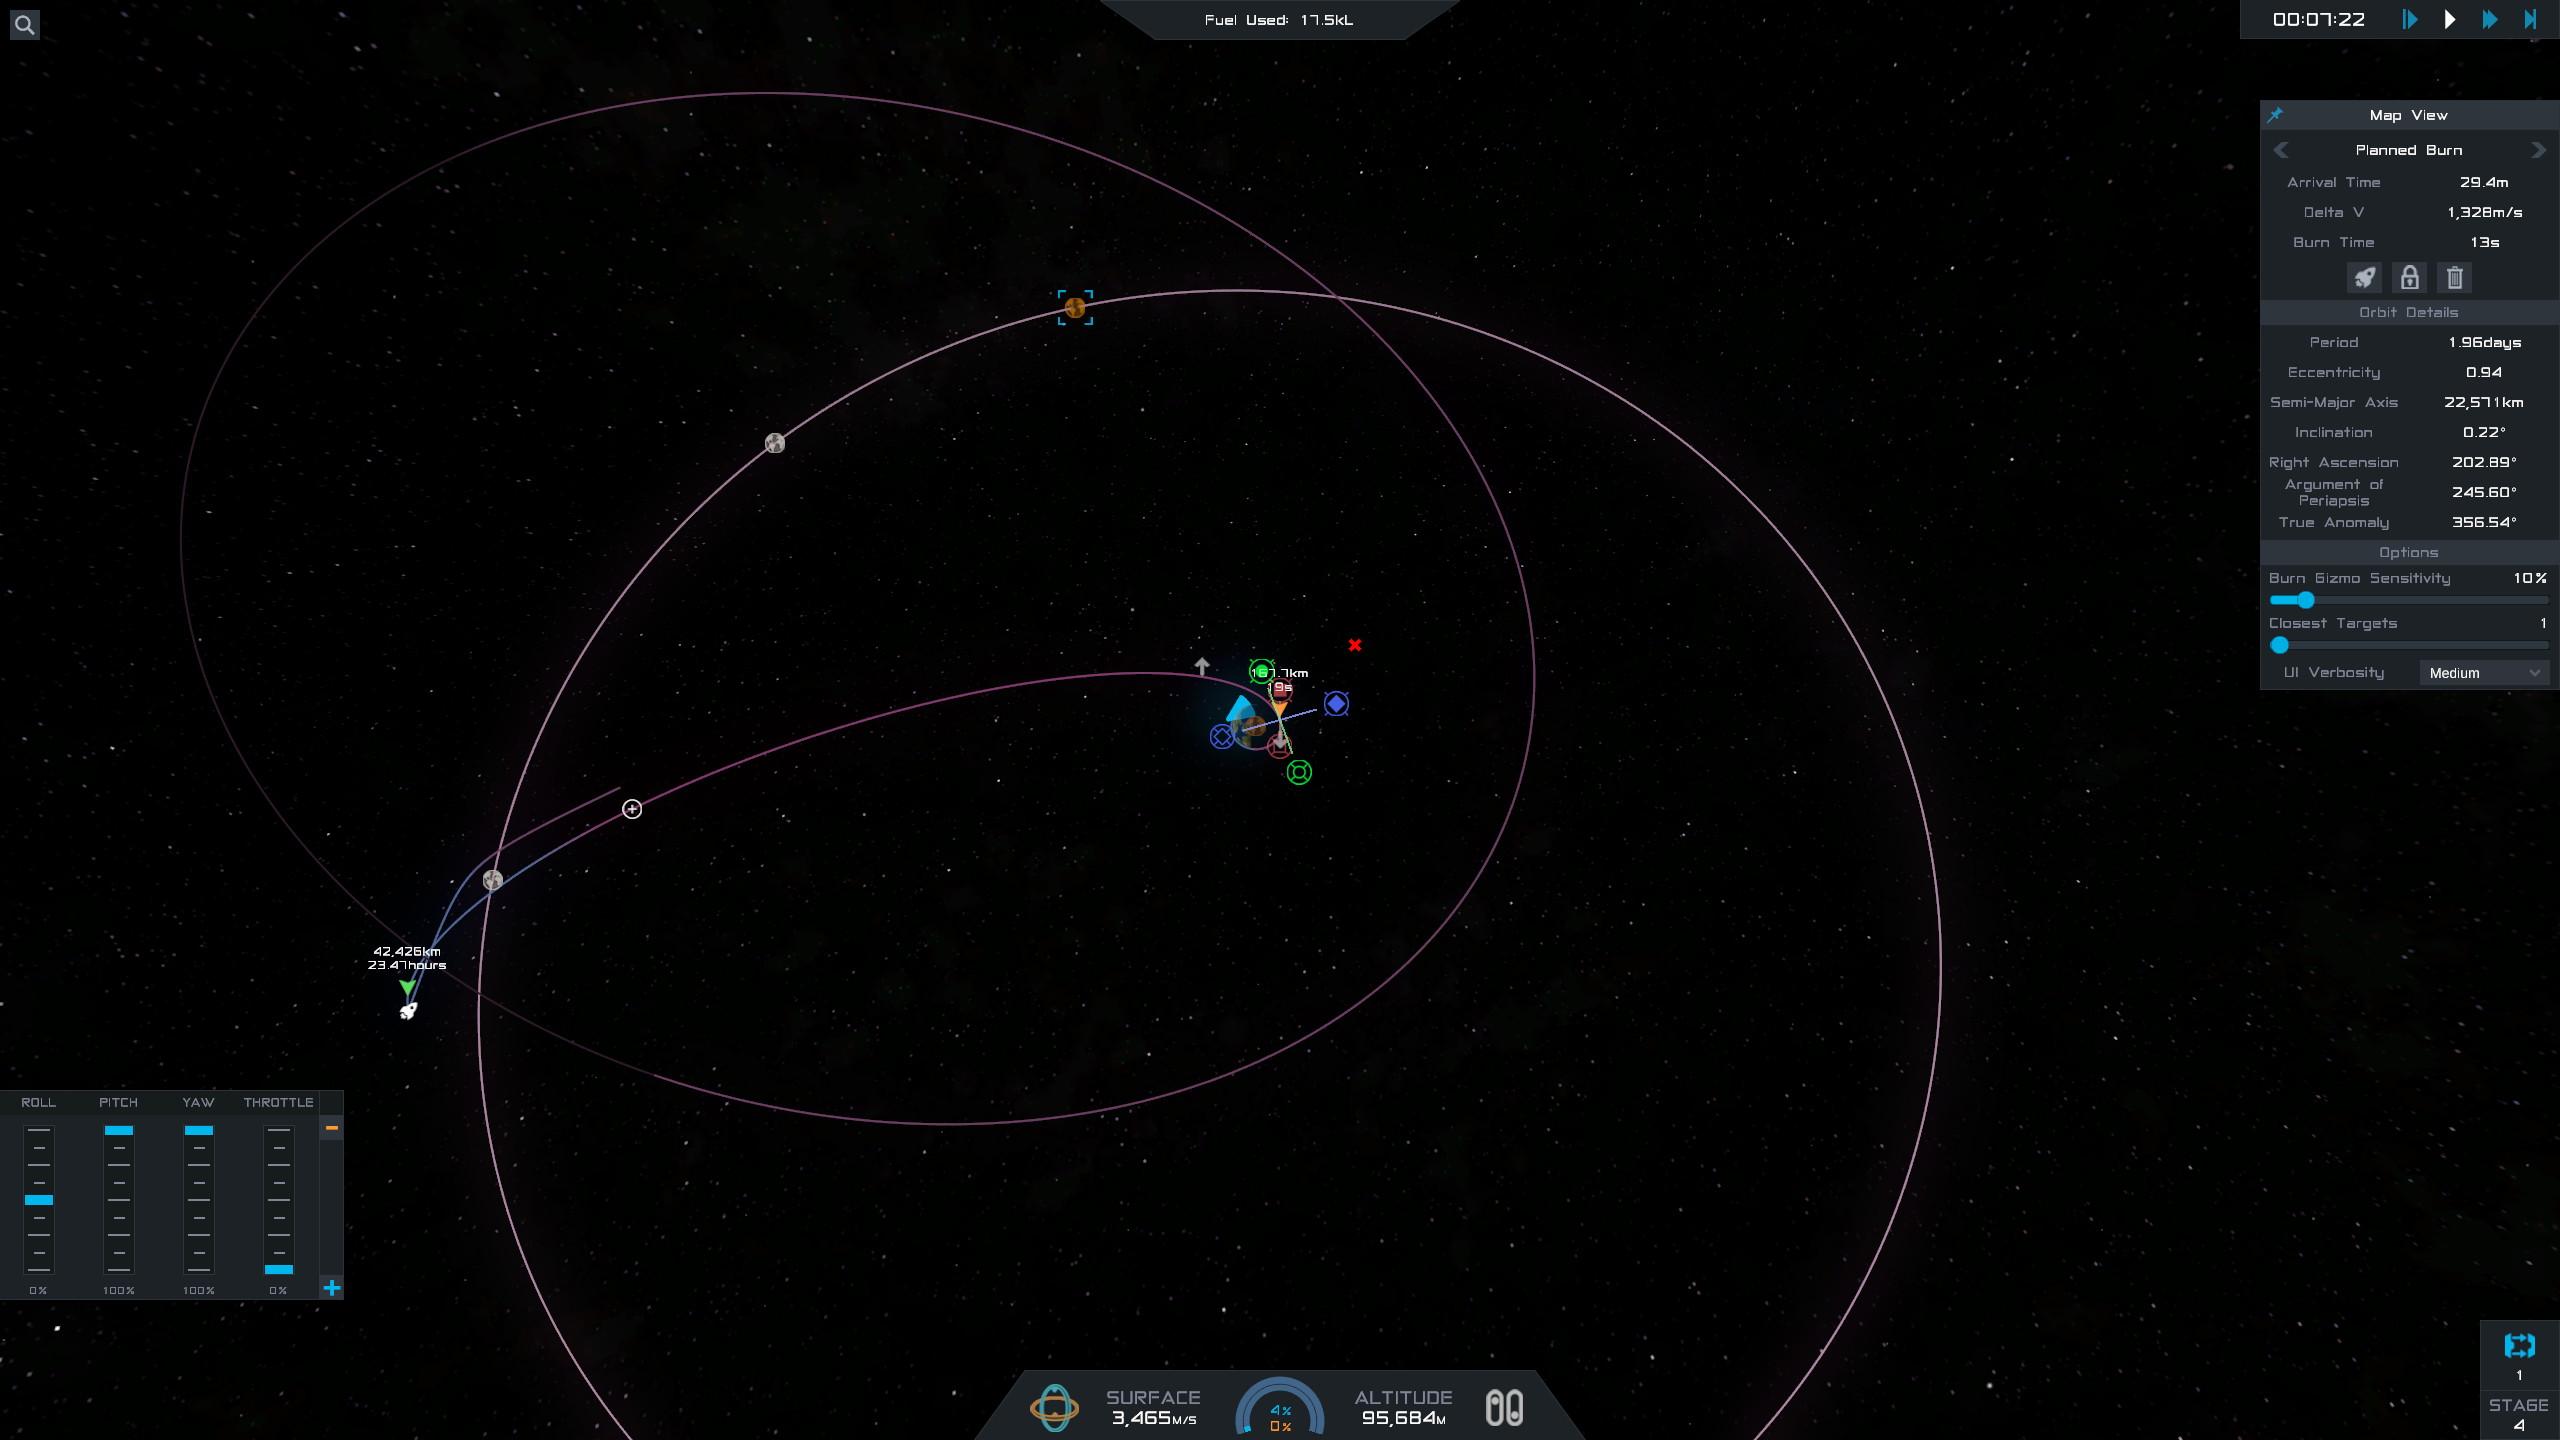 La navigation spatiale se fait exactement comme dans Kerbal Space Program, mais avec une interfaceplus claire et des nodes de navigation plus facilement manipulables.